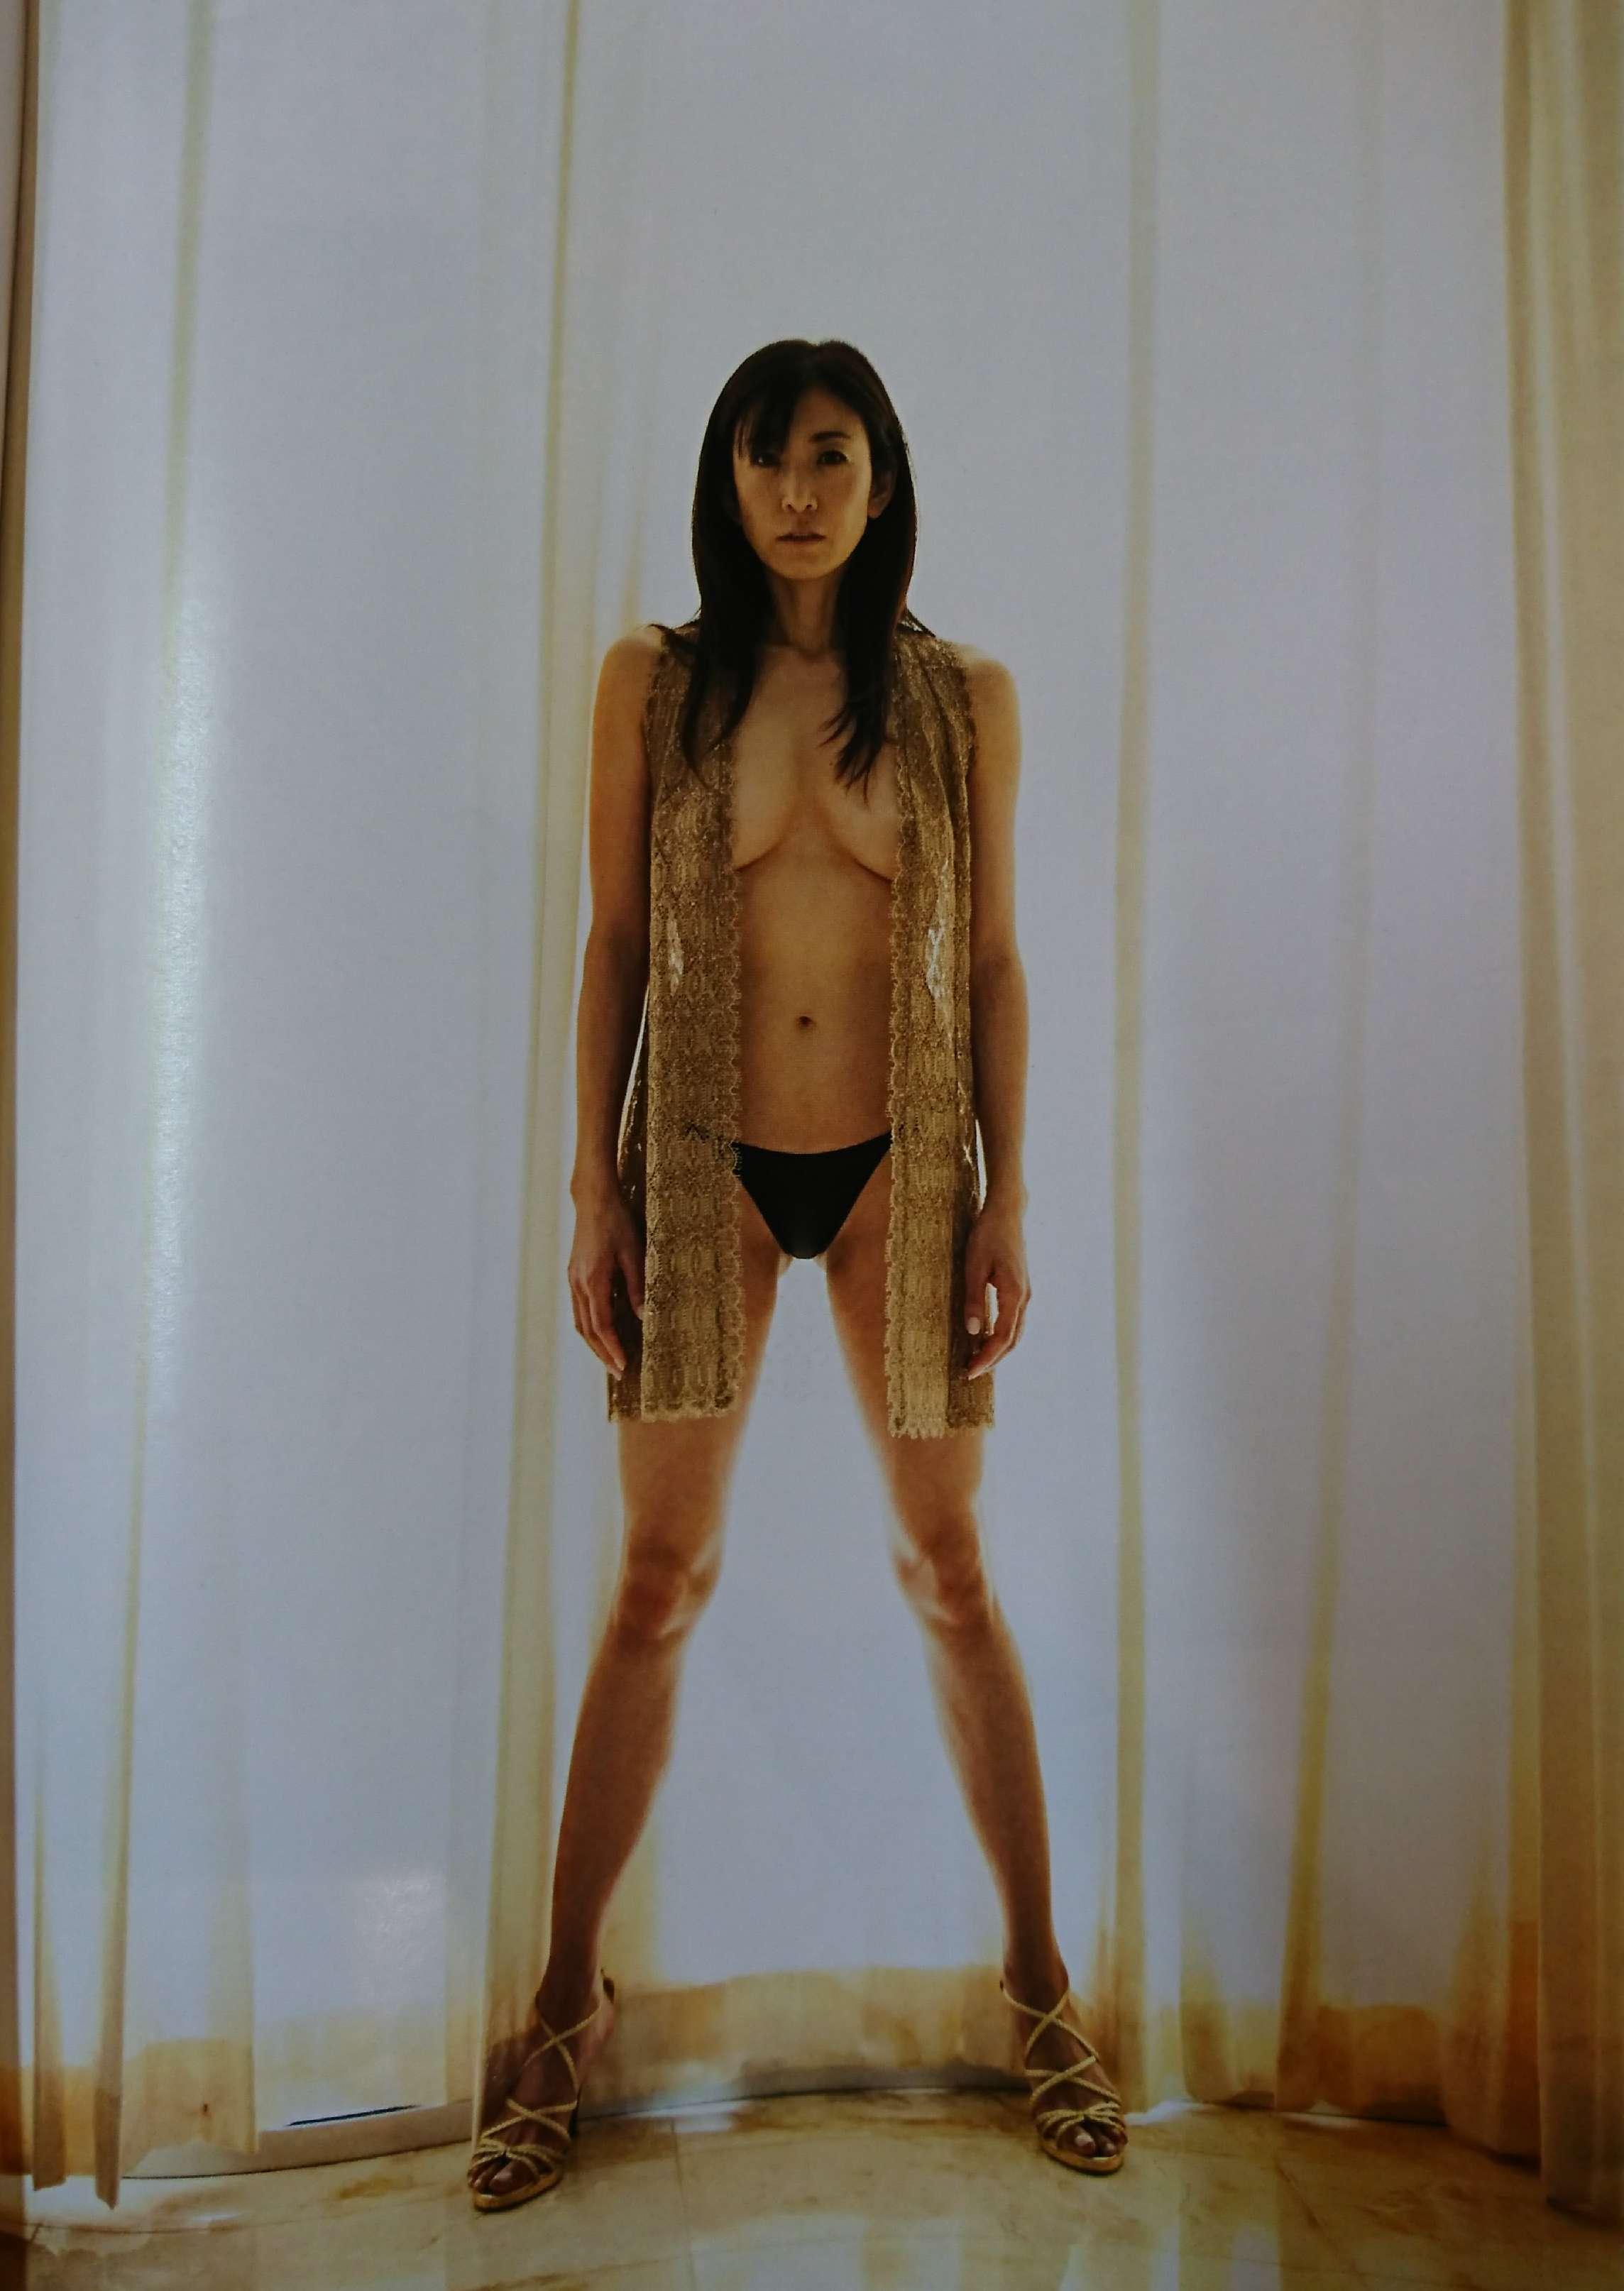 【画像あり】49歳・元「シェイプUPガールズ」中島史恵、今の体も好き 9年ぶりのDVD